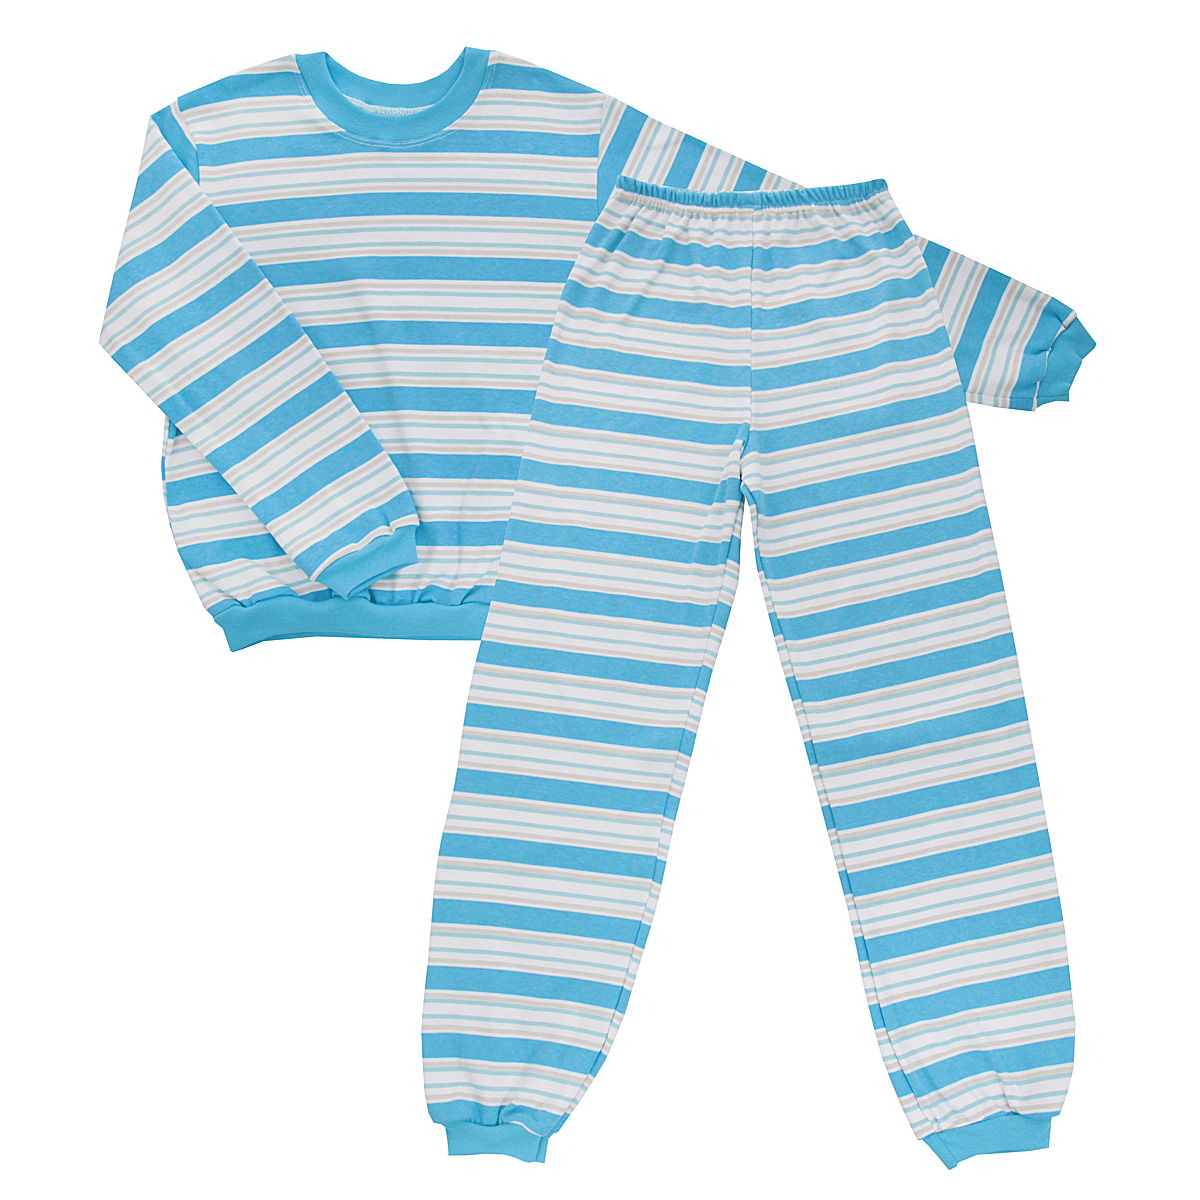 Пижама детская Трон-плюс, цвет: голубой, белый. 5555_полоска. Размер 110/116, 4-8 лет5555_полоскаУютная детская пижама Трон-плюс, состоящая из джемпера и брюк, идеально подойдет вашему ребенку и станет отличным дополнением к детскому гардеробу. Изготовленная из интерлока, она необычайно мягкая и легкая, не сковывает движения, позволяет коже дышать и не раздражает даже самую нежную и чувствительную кожу ребенка. Трикотажный джемпер с длинными рукавами имеет круглый вырез горловины. Низ изделия, рукава и вырез горловины дополнены эластичной трикотажной резинкой контрастного цвета.Брюки на талии имеют эластичную резинку, благодаря чему не сдавливают живот ребенка и не сползают. Низ брючин дополнен широкими эластичными манжетами контрастного цвета.Оформлено изделие принтом в полоску. В такой пижаме ваш ребенок будет чувствовать себя комфортно и уютно во время сна.